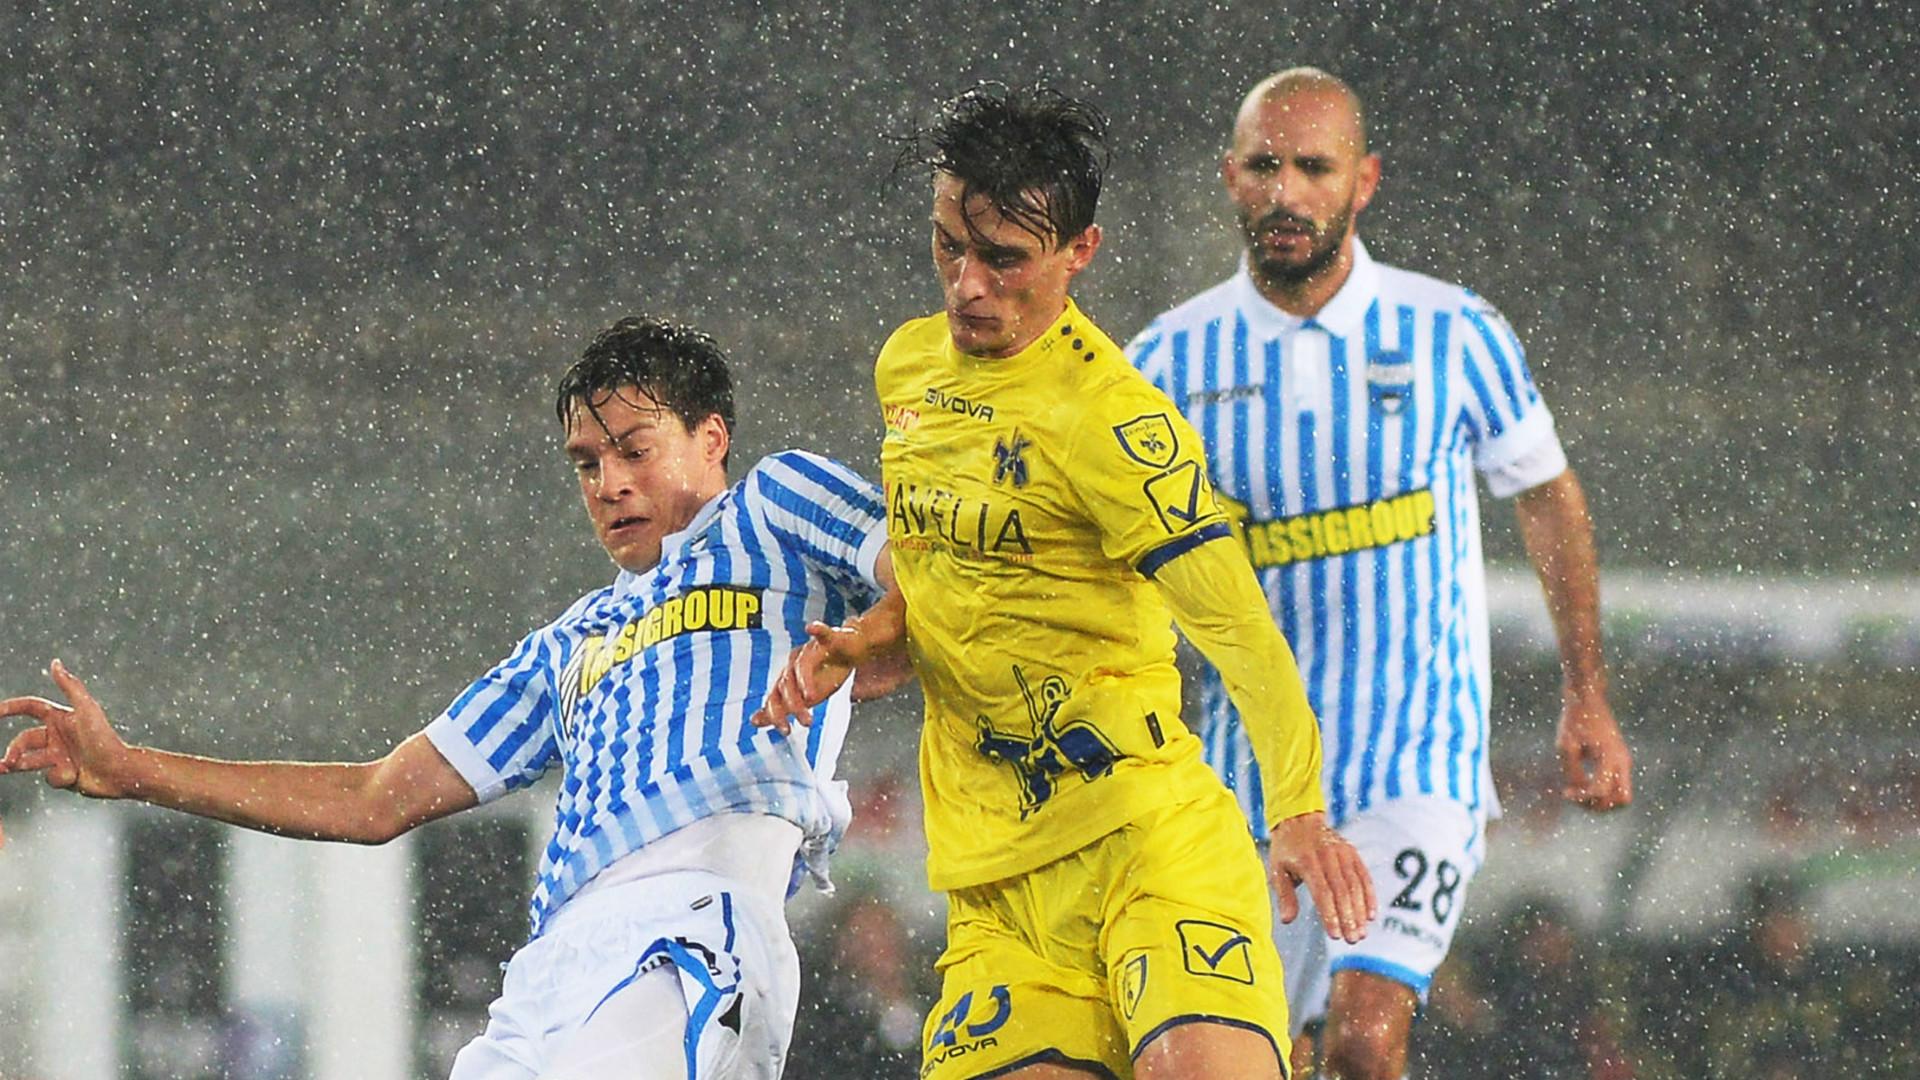 Francesco Vicari, Roberto Inglese, Chievo, SPAL, Serie A, 25/11/2017